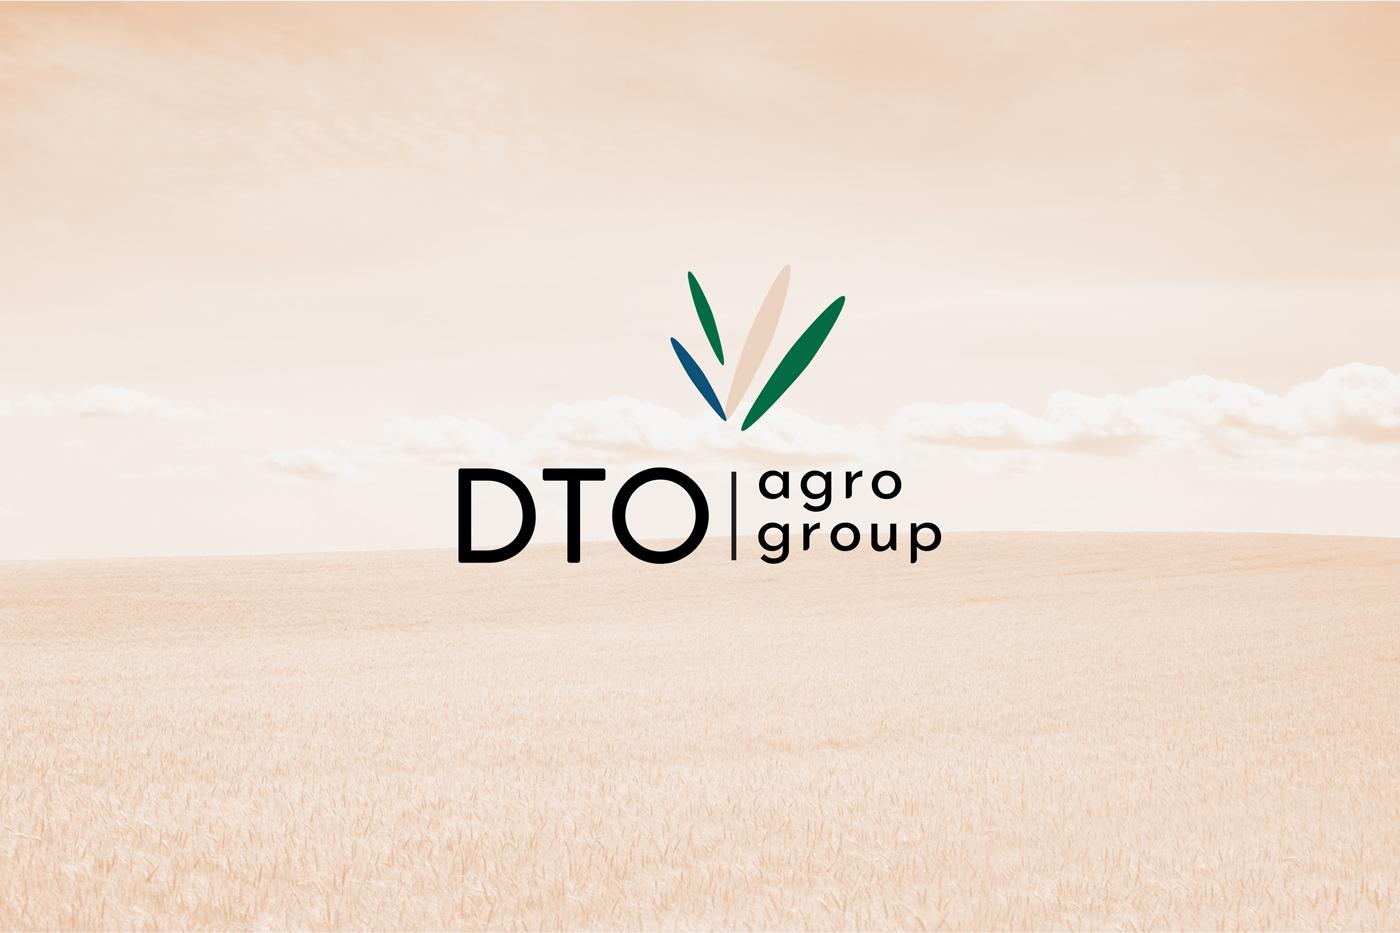 Логотип и фирменный стиль для украинской агрокомпании DTO